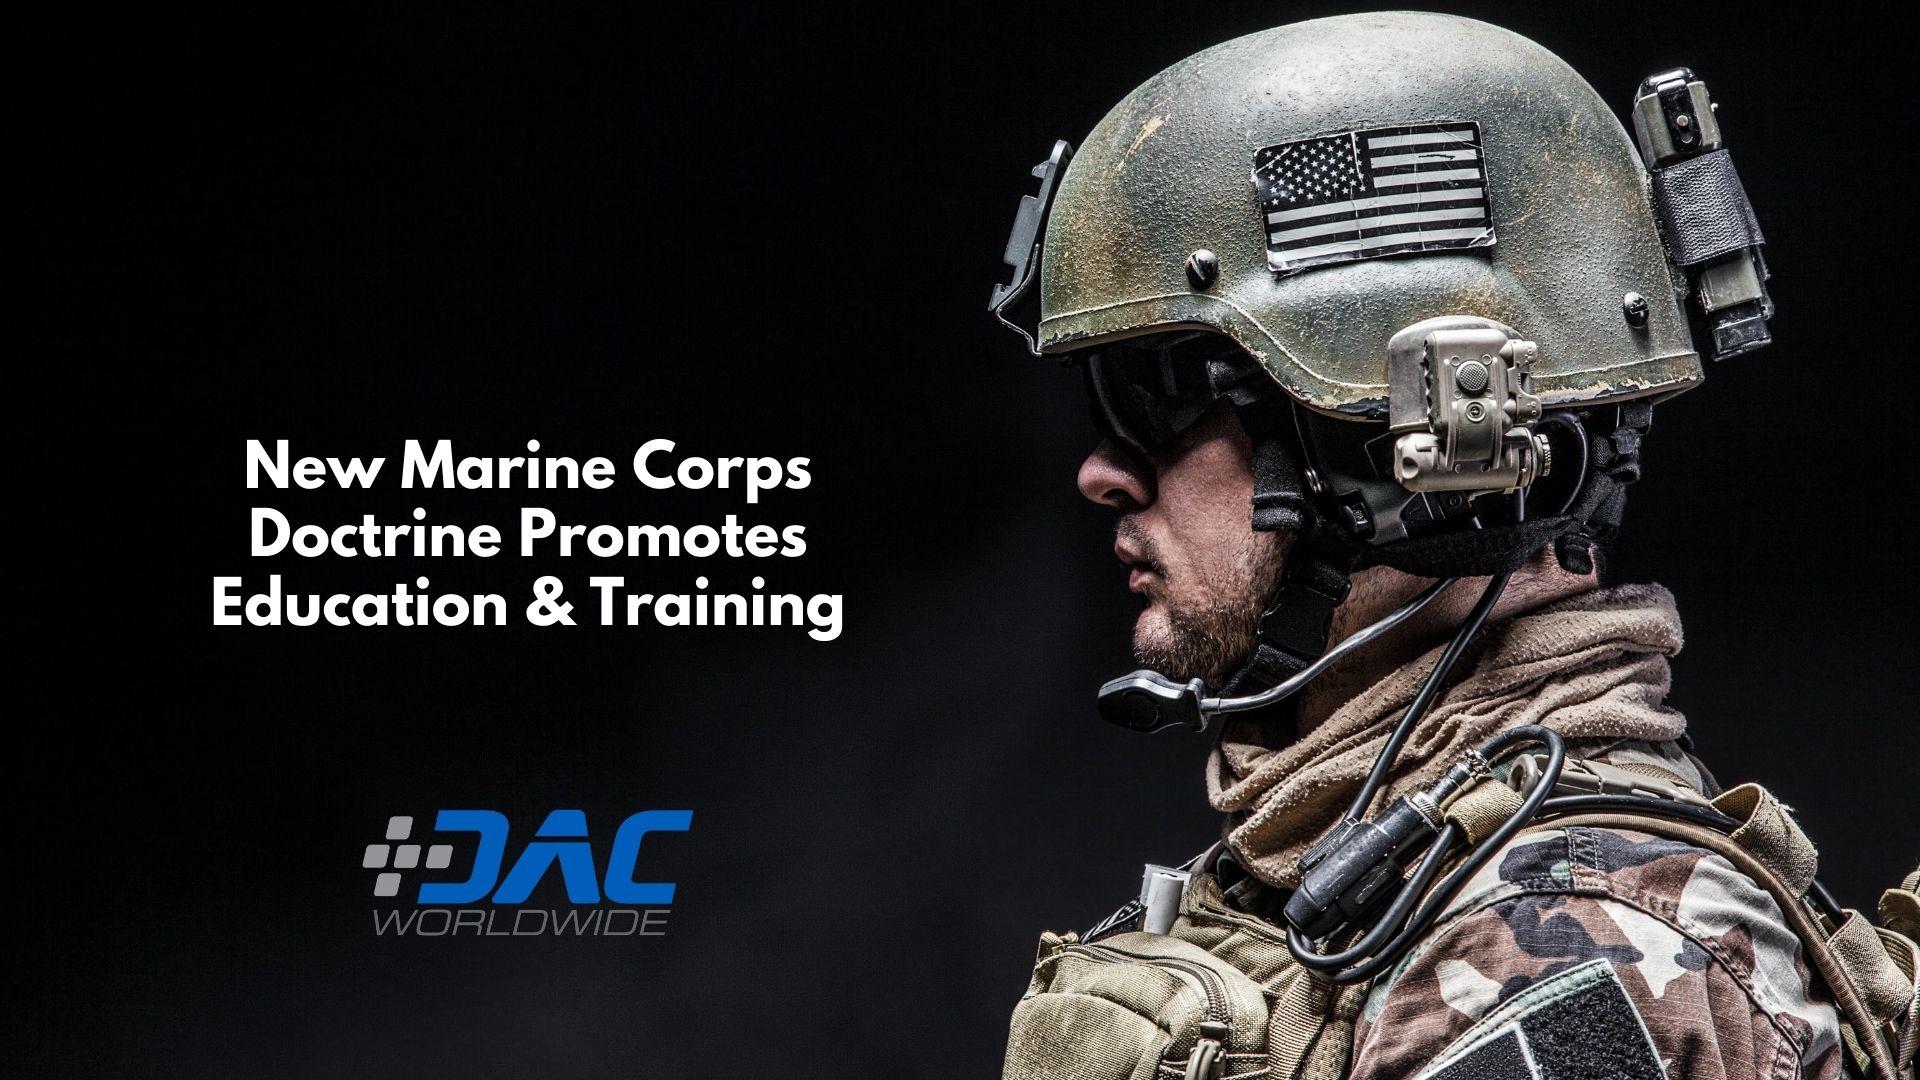 New Marine Corps Doctrine Promotes Education & Training